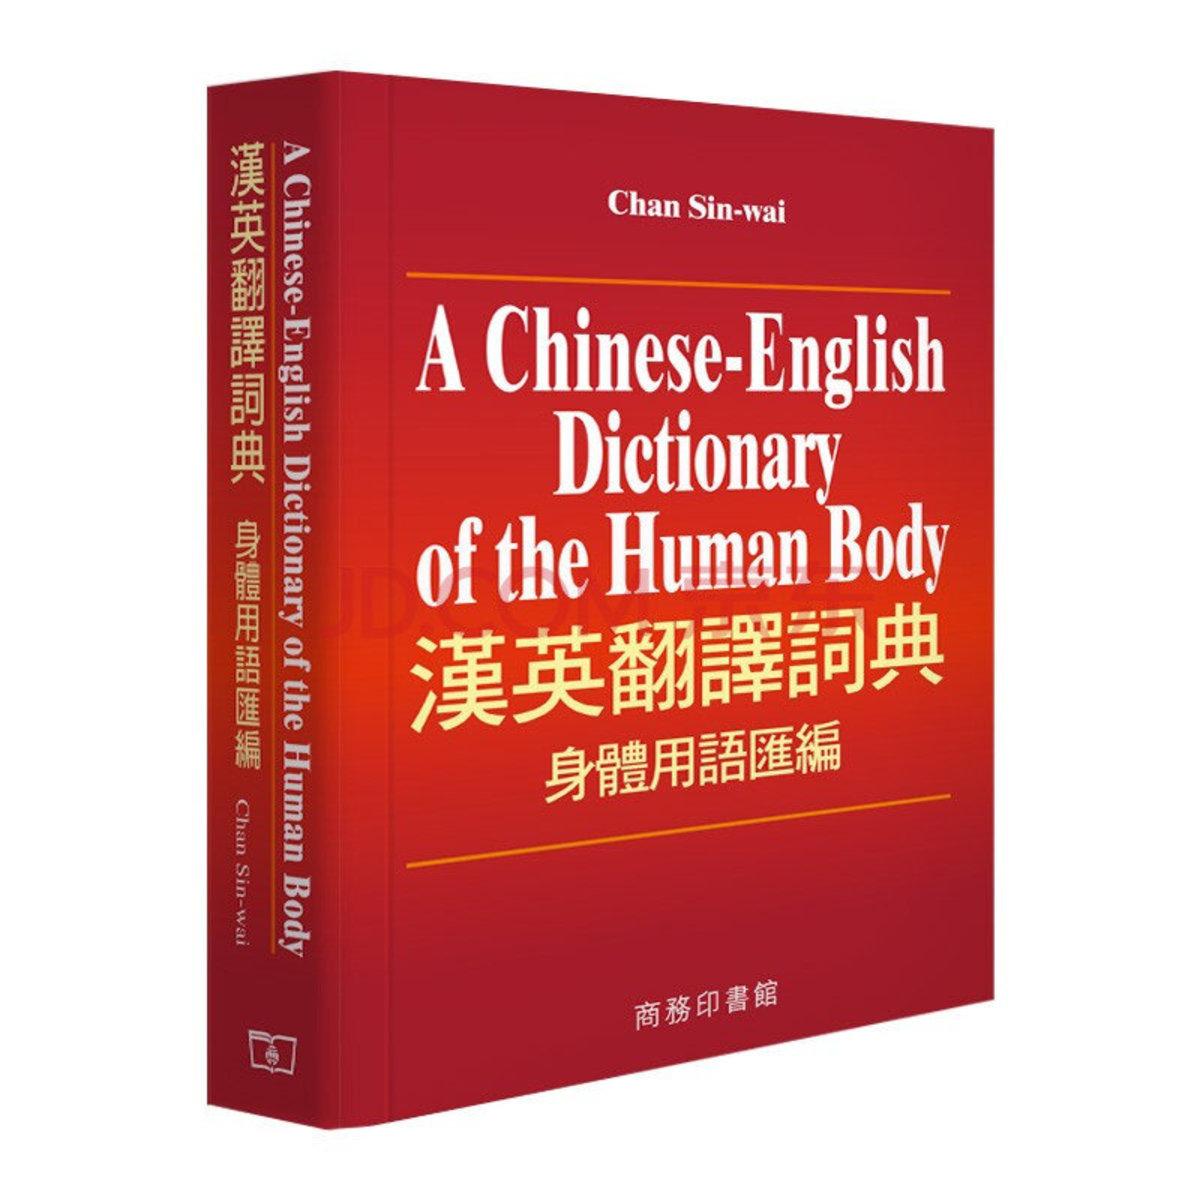 漢英翻譯詞典──身體用語匯編